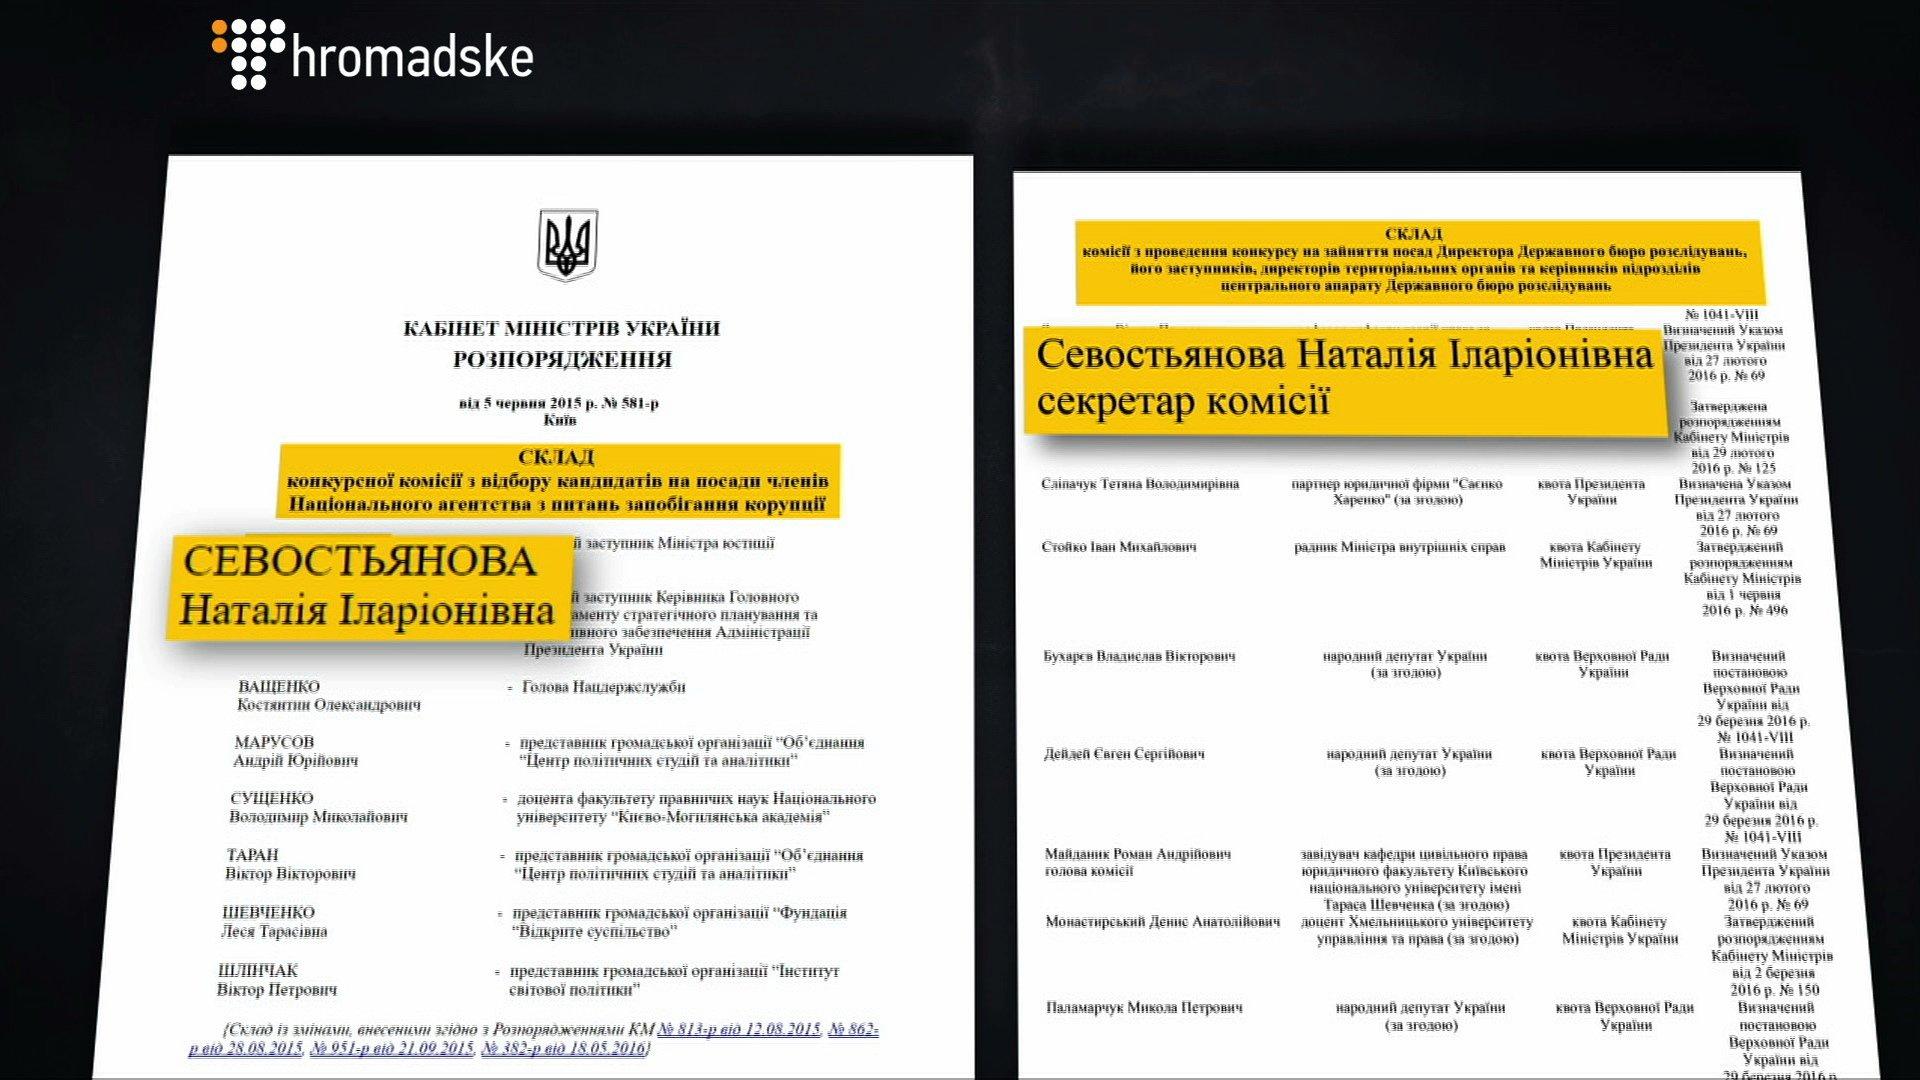 Севостьянова Наталья Илларионовна 10